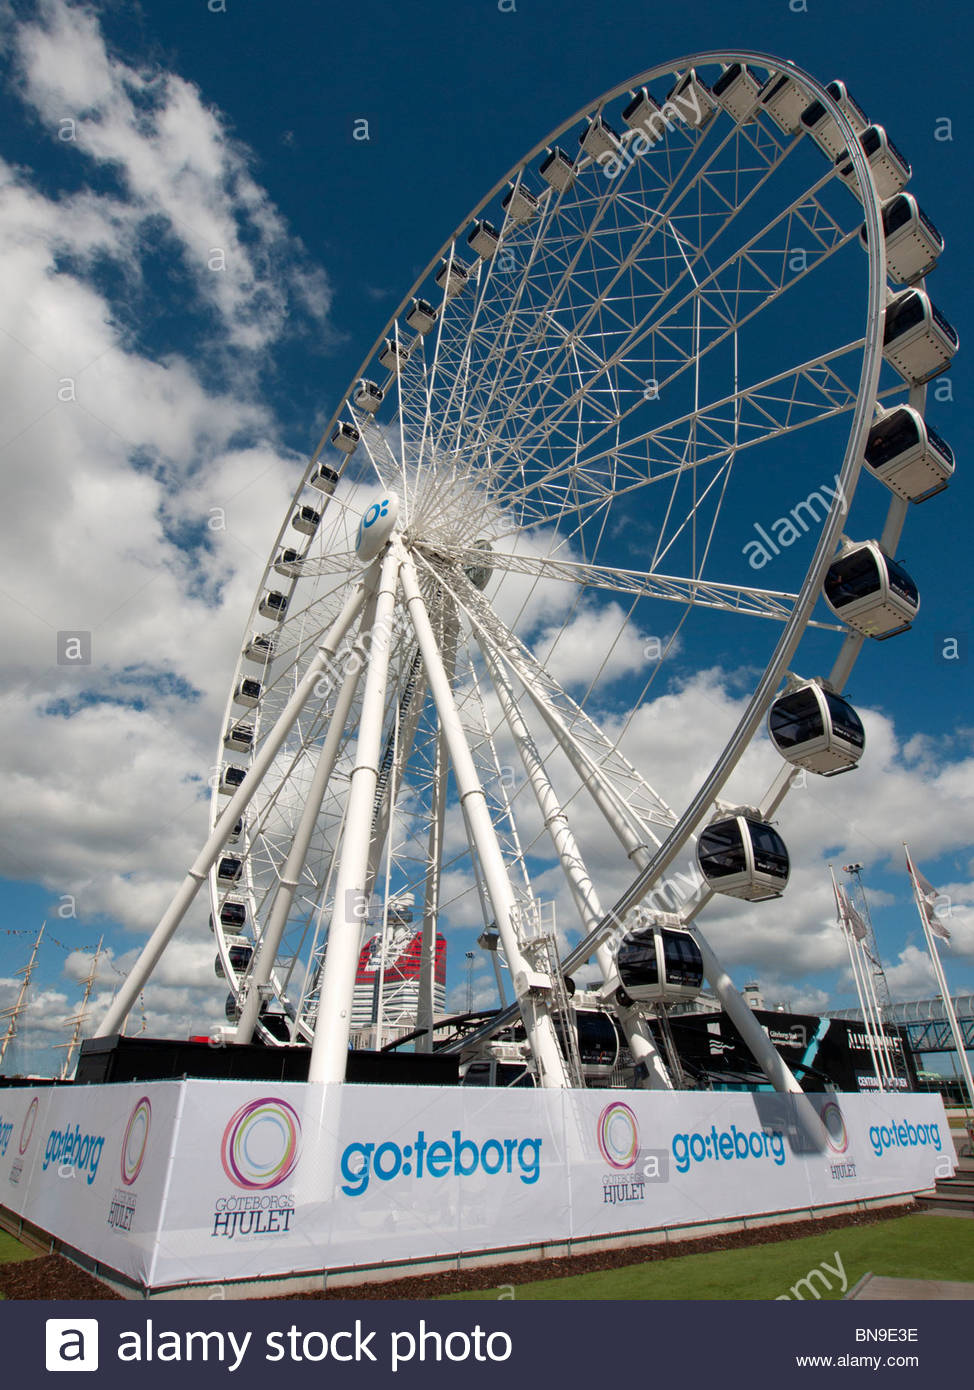 Avis de nouvelle attraction touristique de roue de Göteborg à Stockholm en Suède Photo Stock